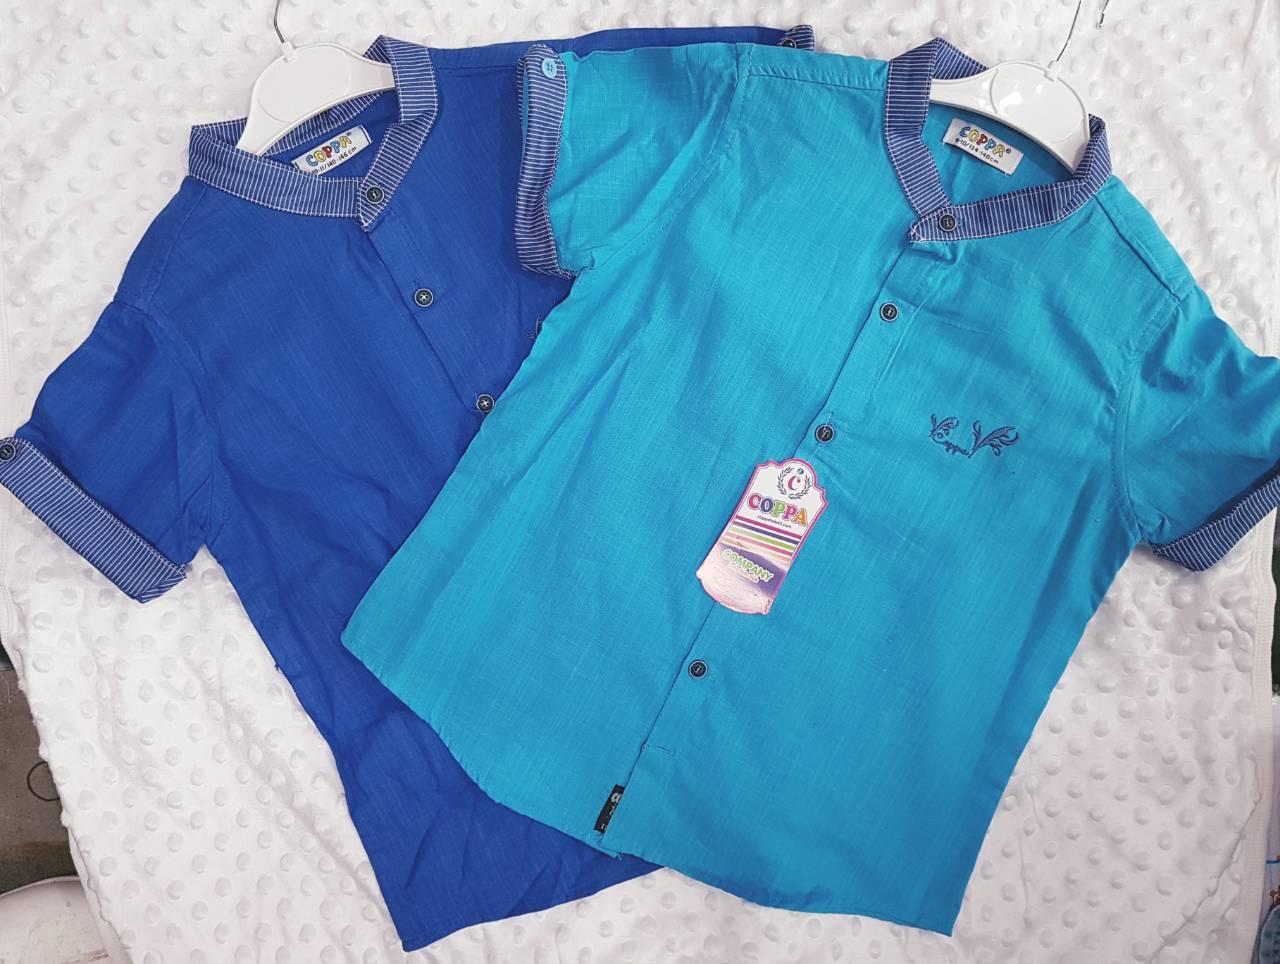 Рубашки детские на мальчика оптом 58014367 6-7